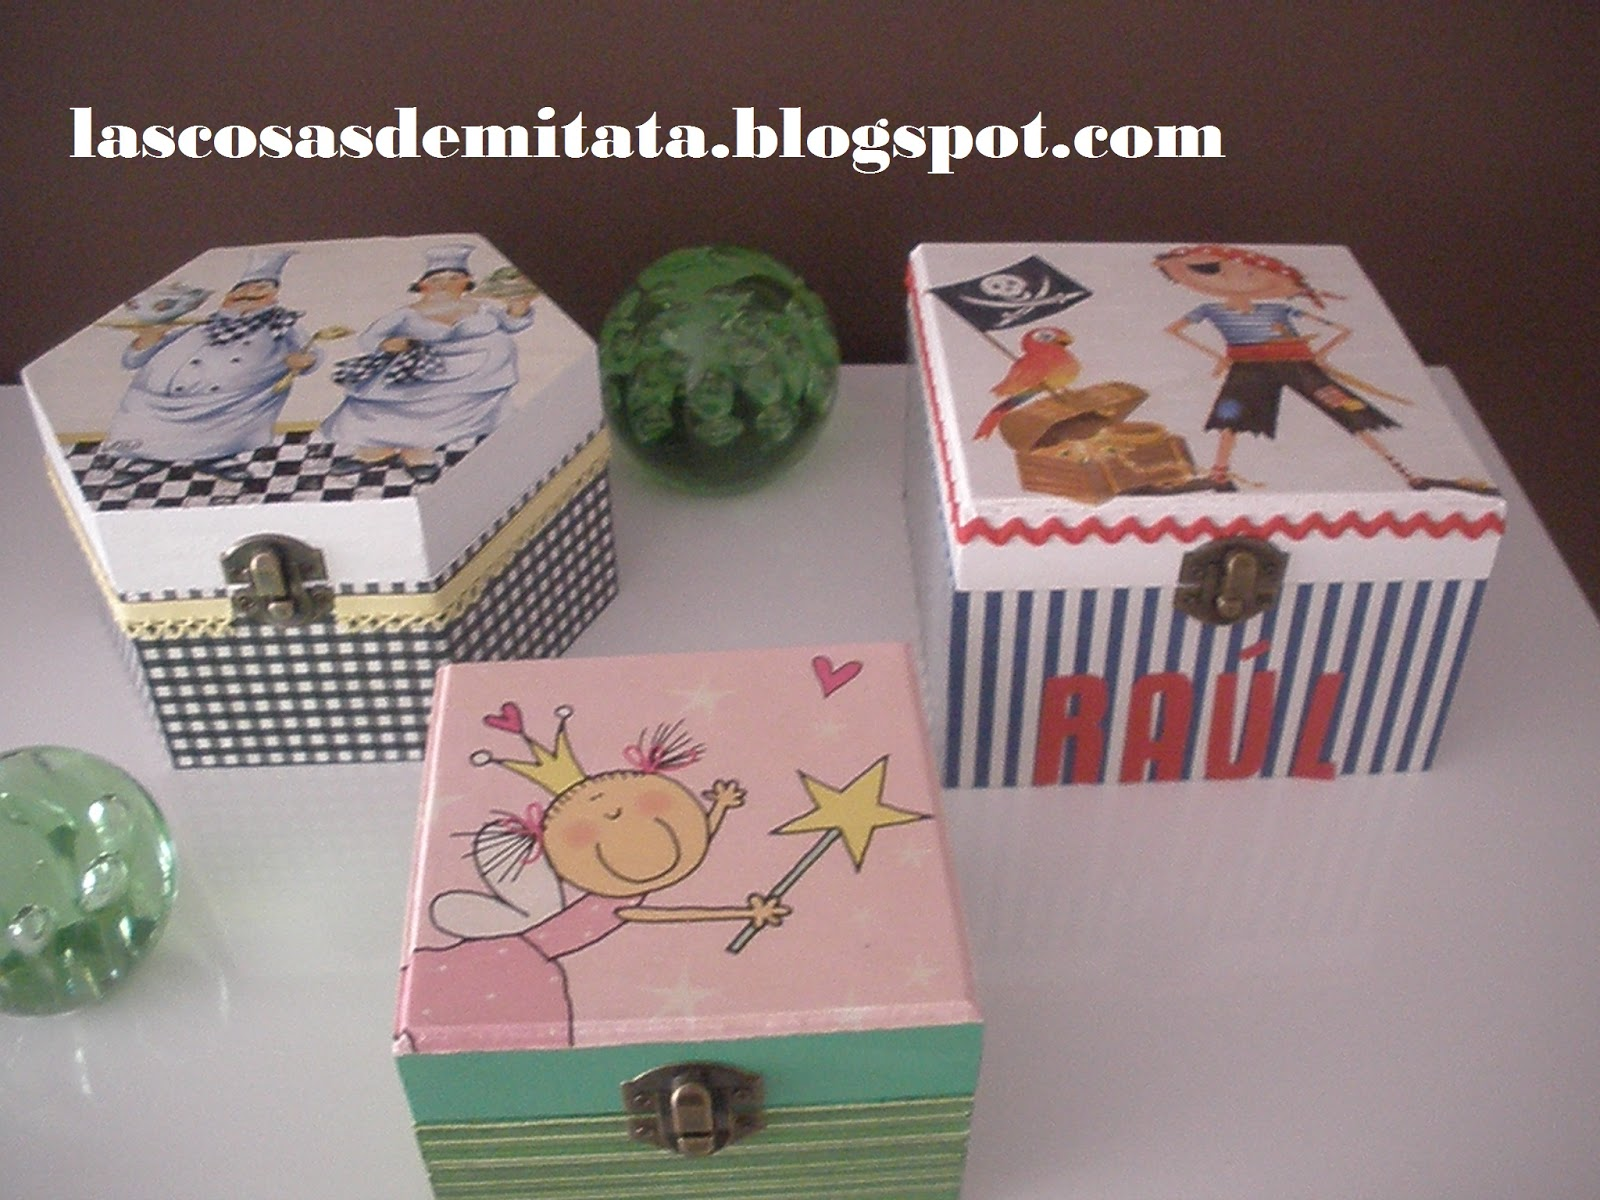 Las cosas de mi tata marzo 2013 - Cajas infantiles decoradas ...